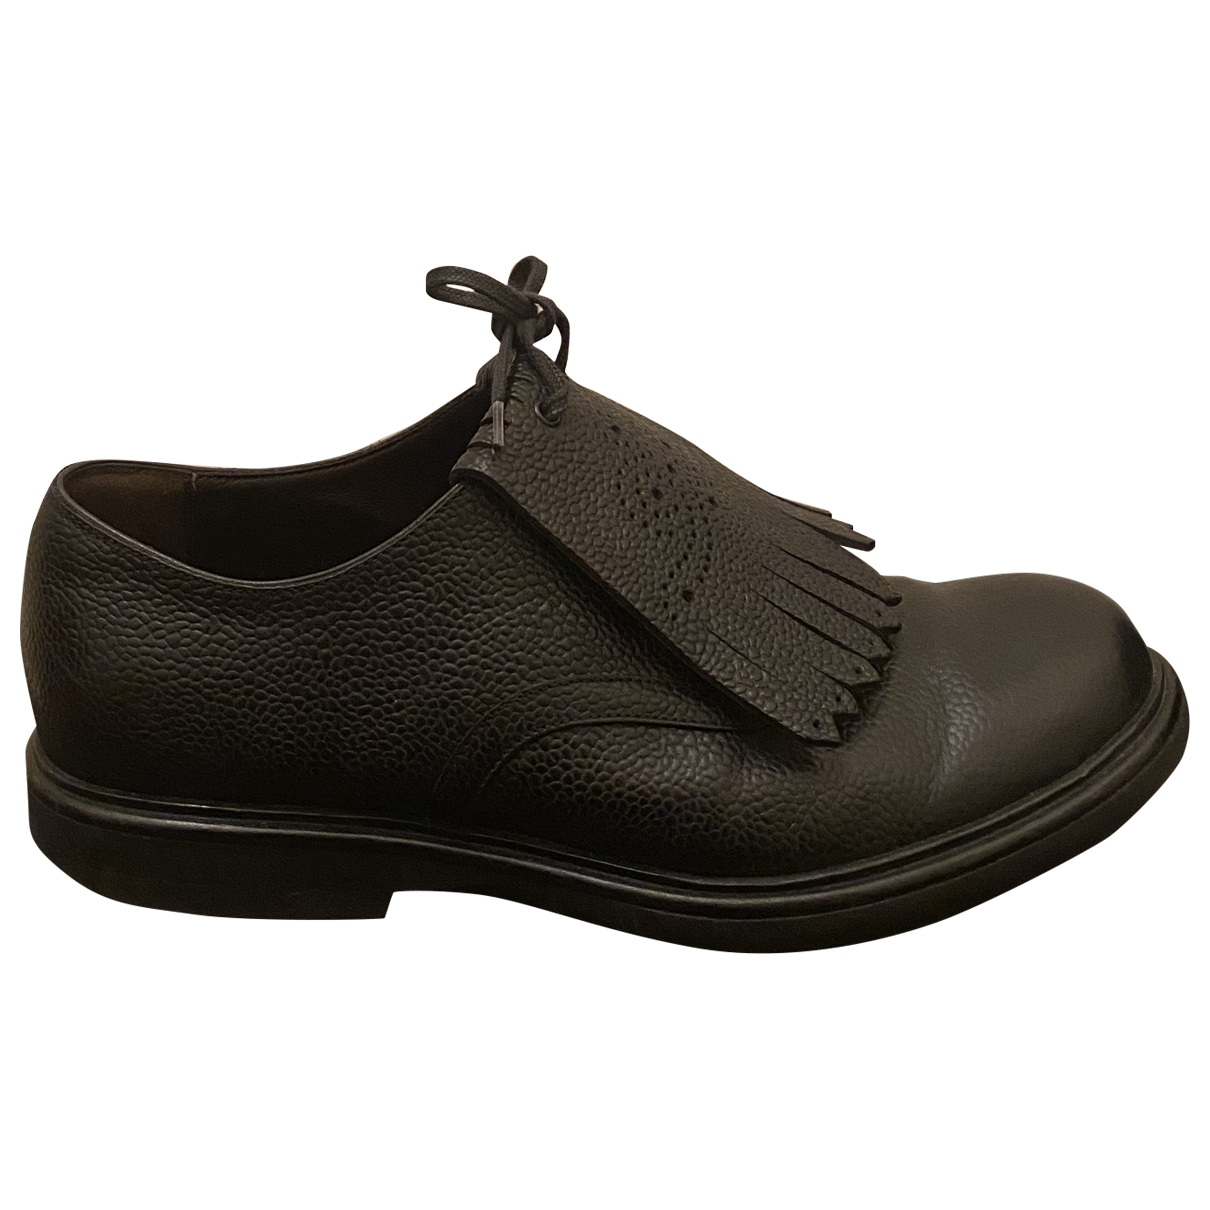 Bottega Veneta - Derbies   pour femme en cuir - noir